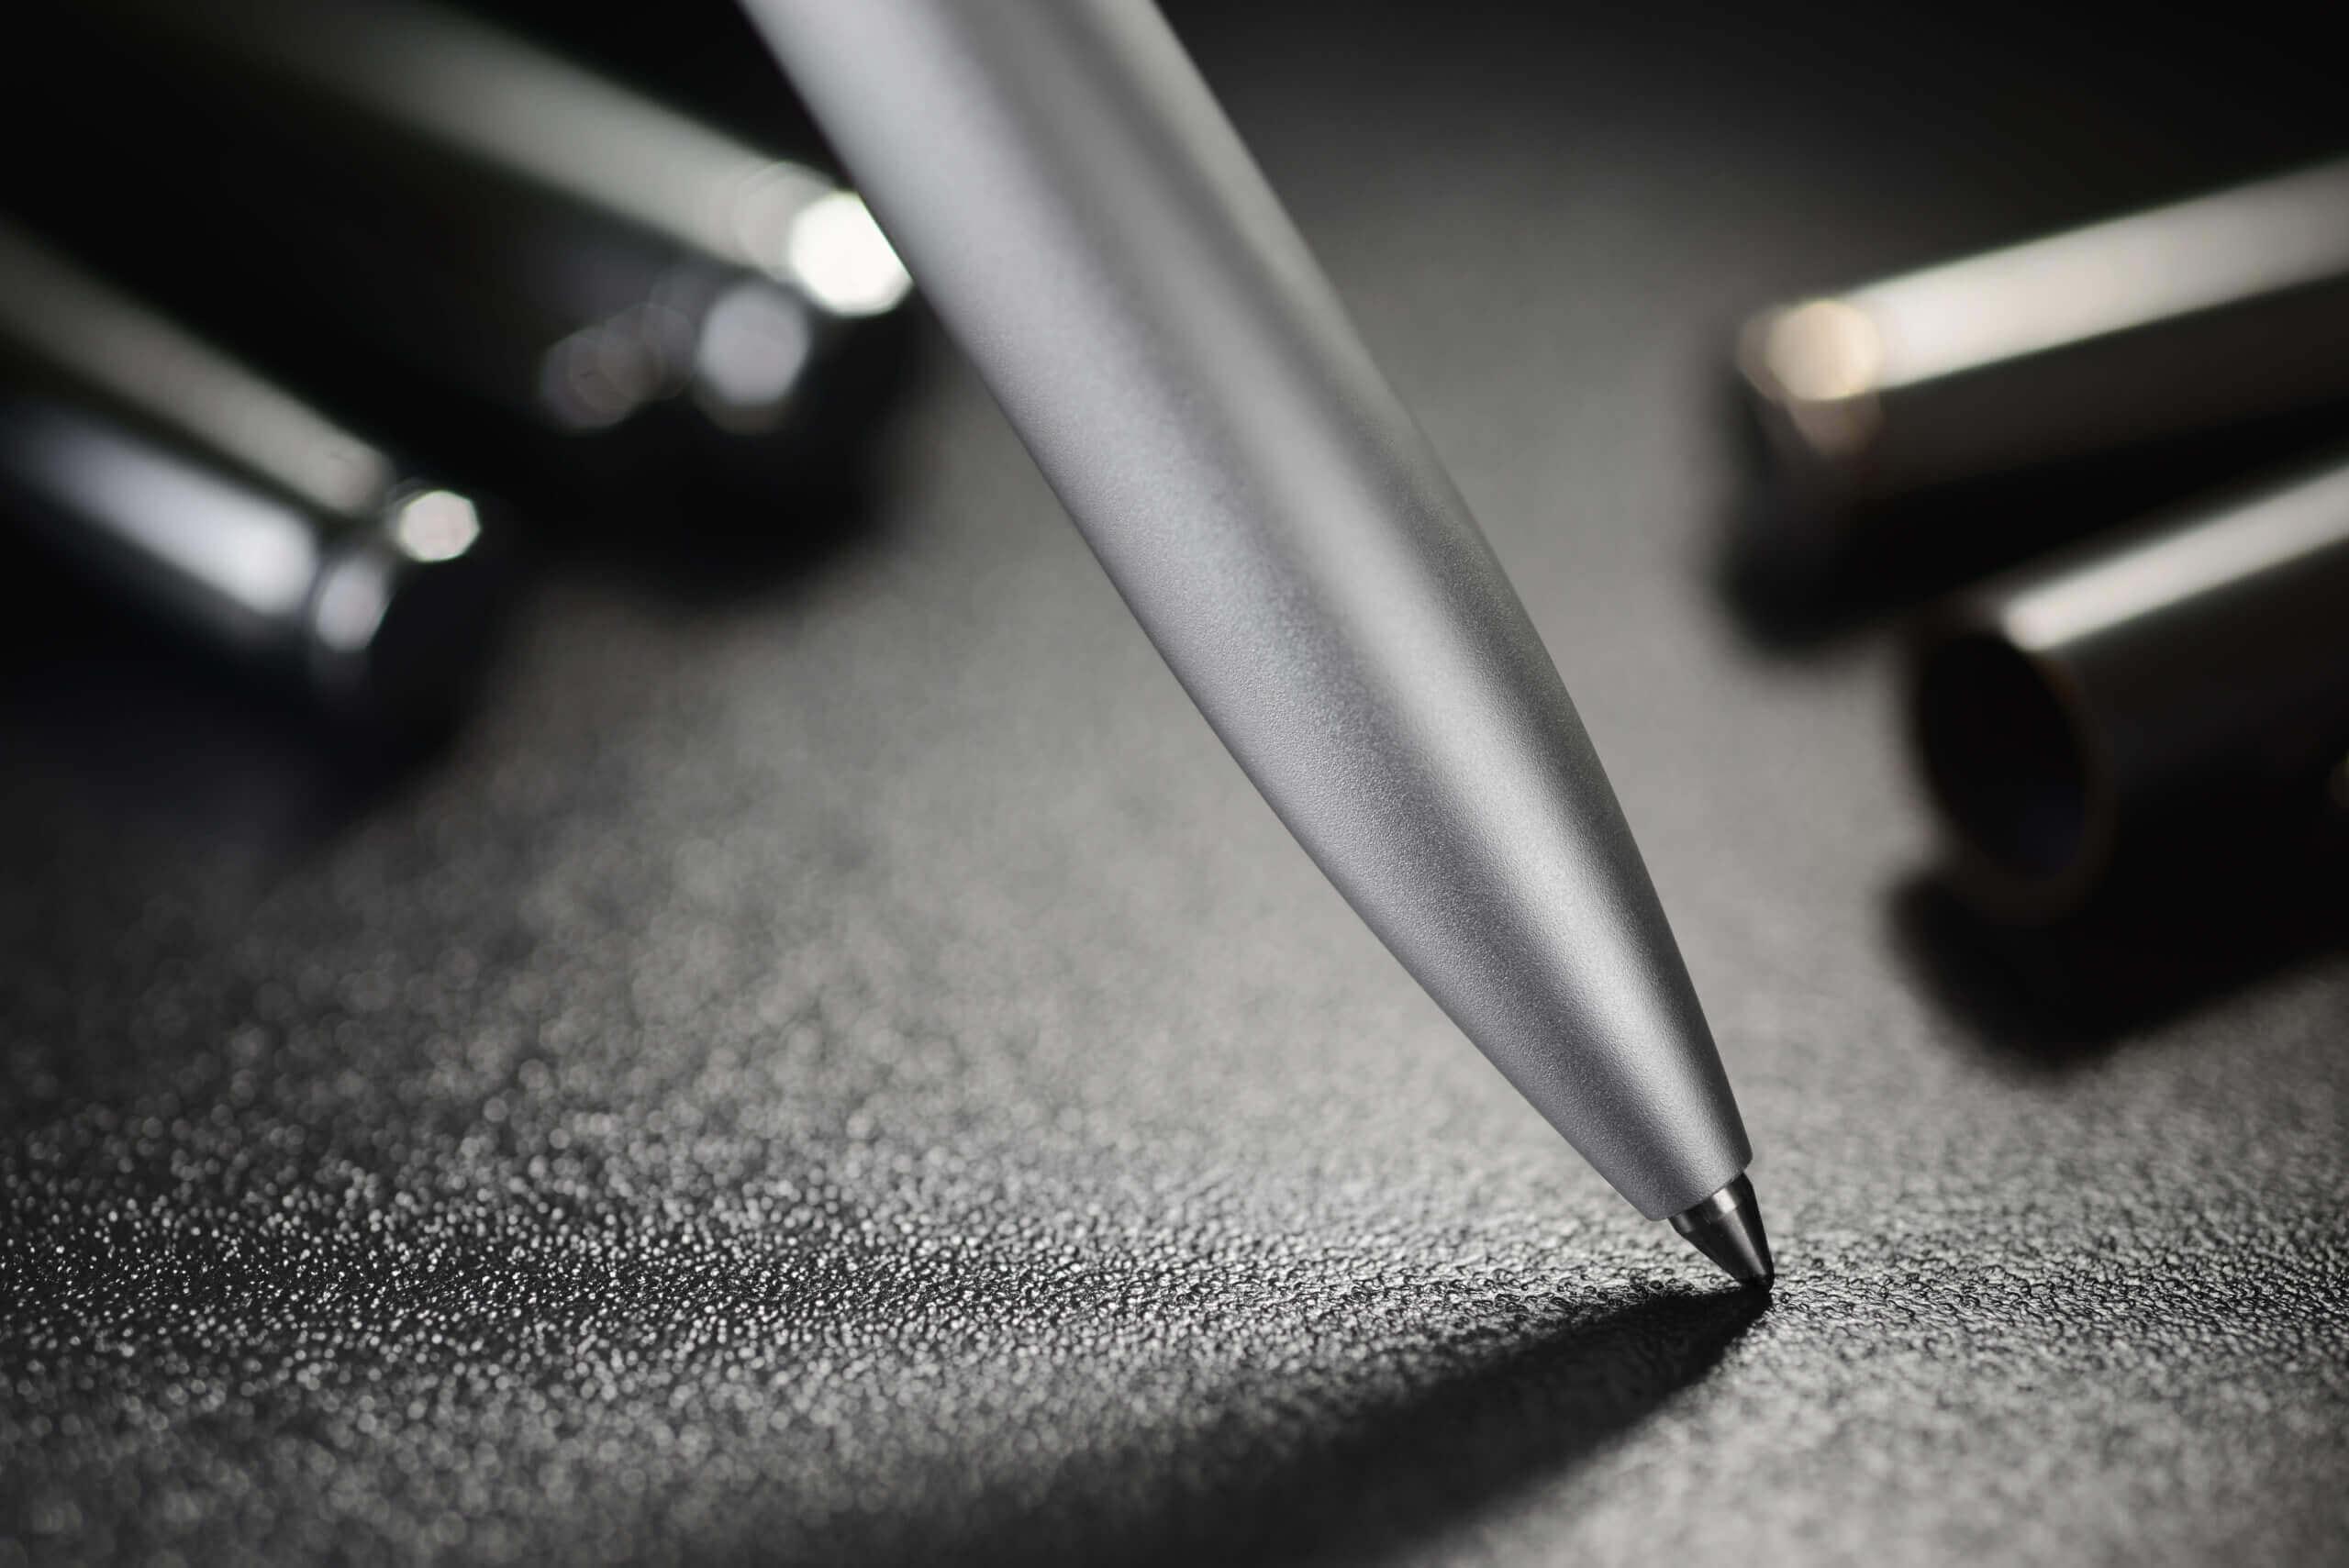 Über uns - steel ballpoint pen PLV3249 scaled - Über uns